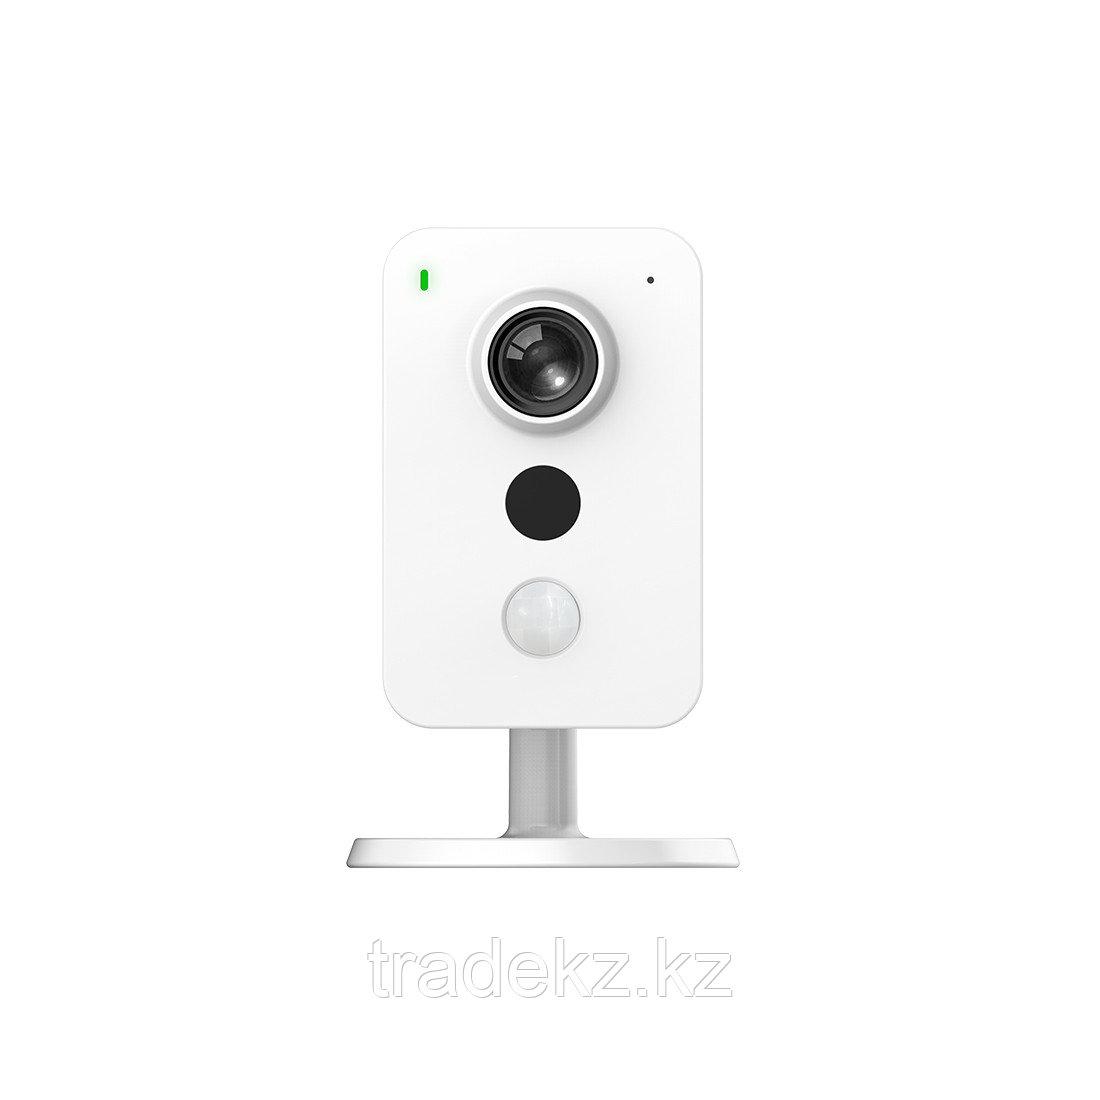 Интернет-камера, Wi-Fi видеокамера Imou IPC-K22A